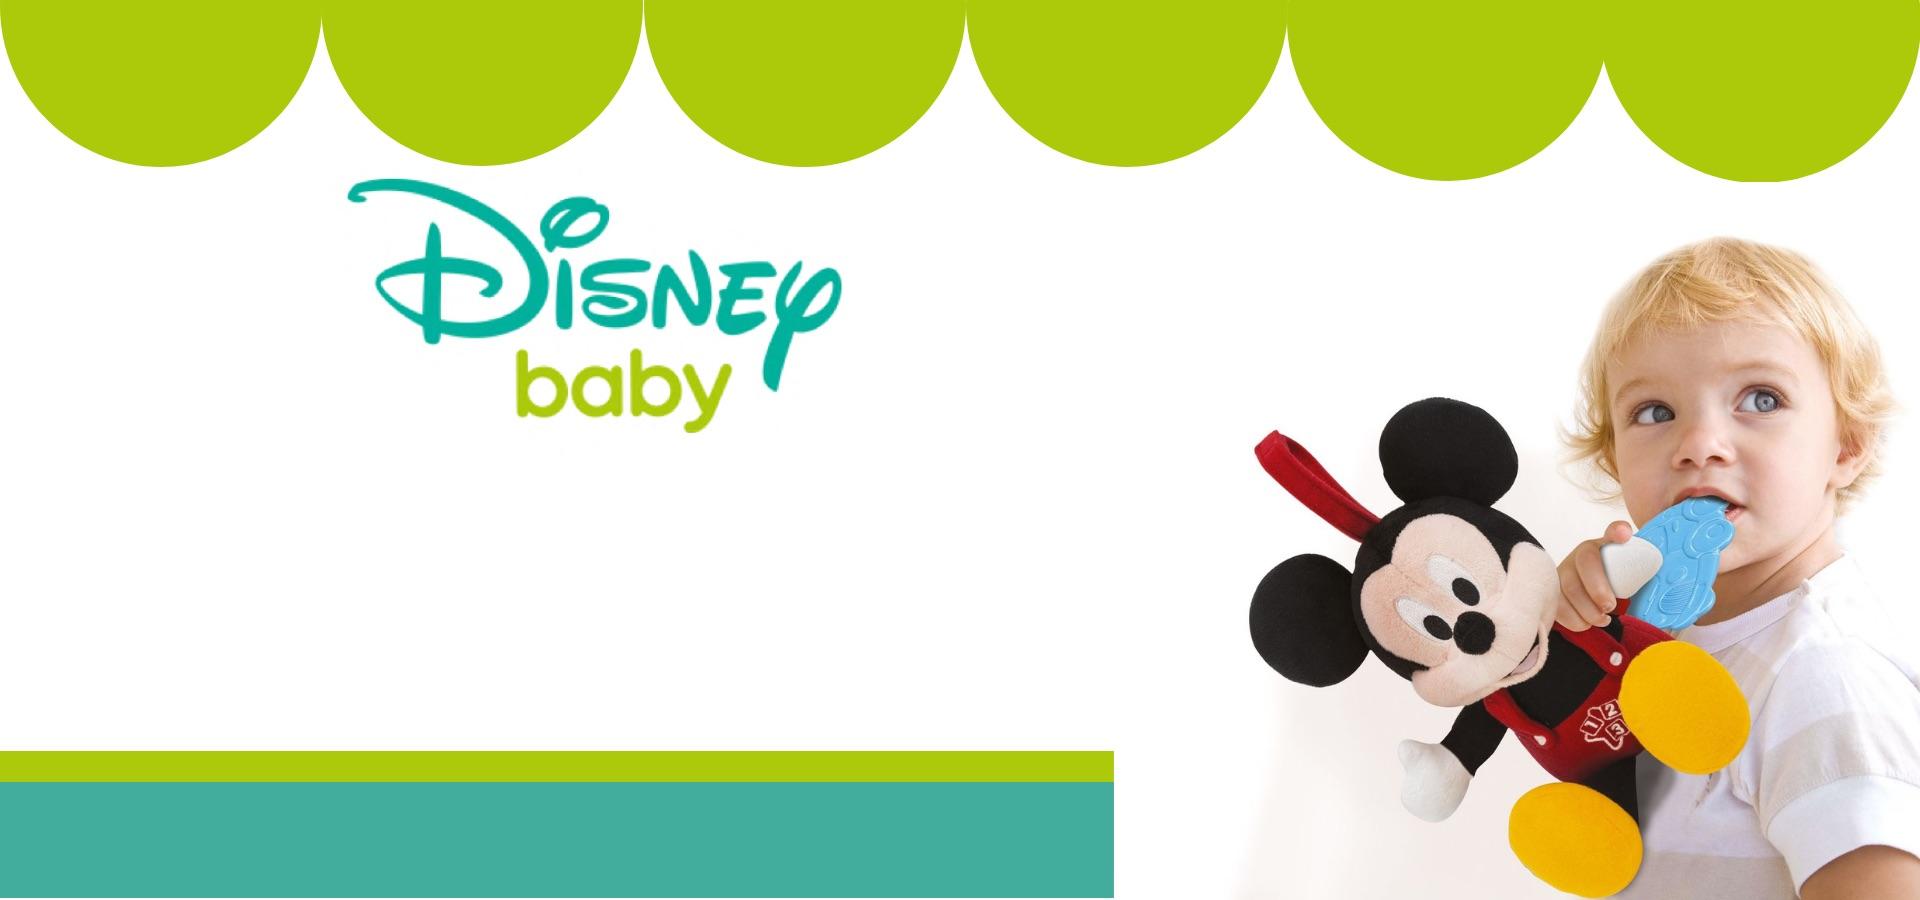 DISNEY BABY MICKEY & MINNIE LEARN & CUDDLE PLUSH DOLL